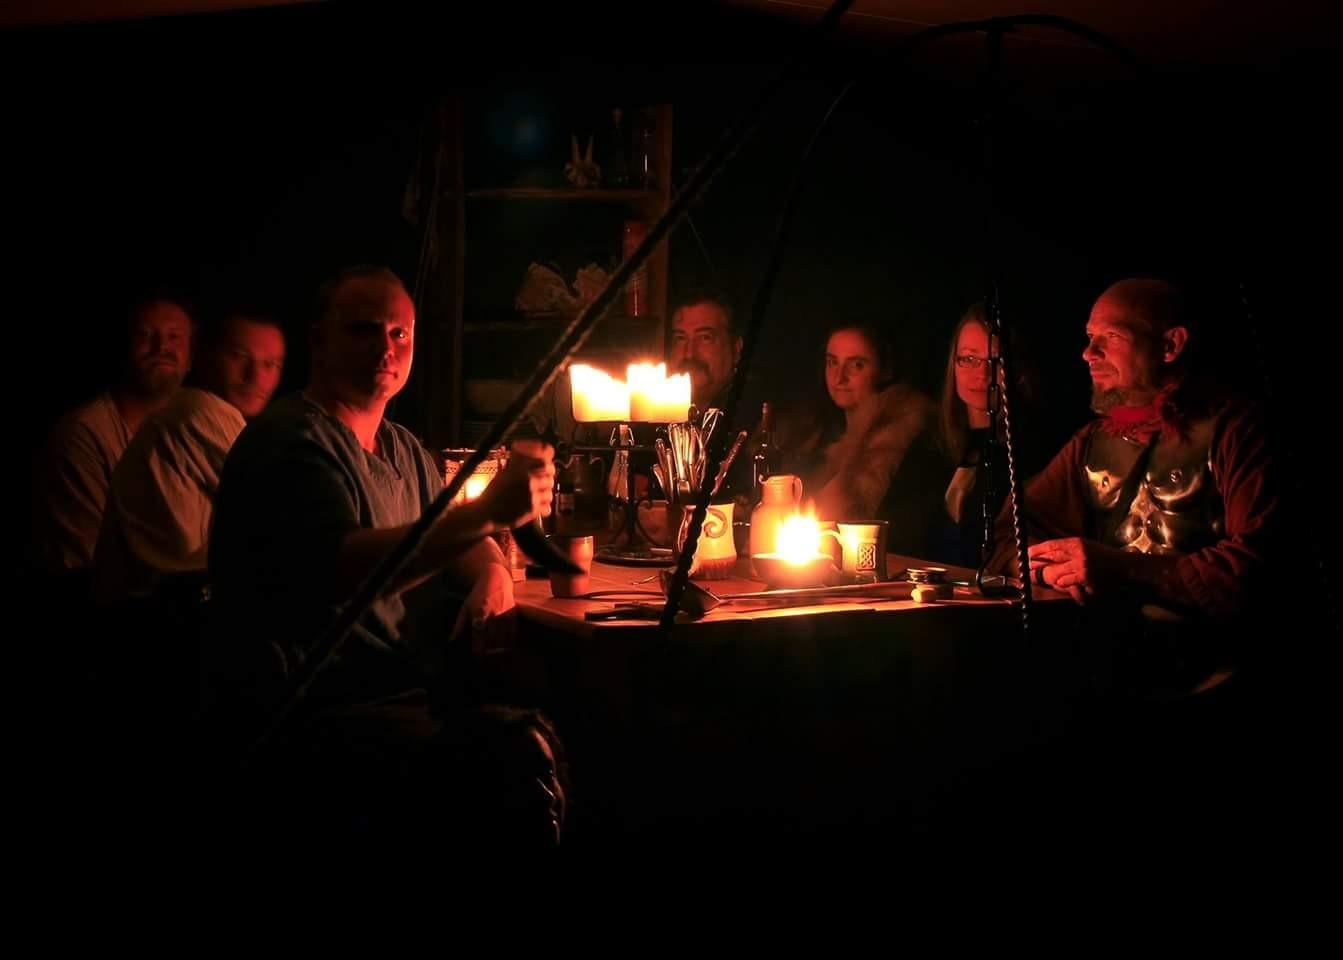 Am Abend zusammen mit Freunden